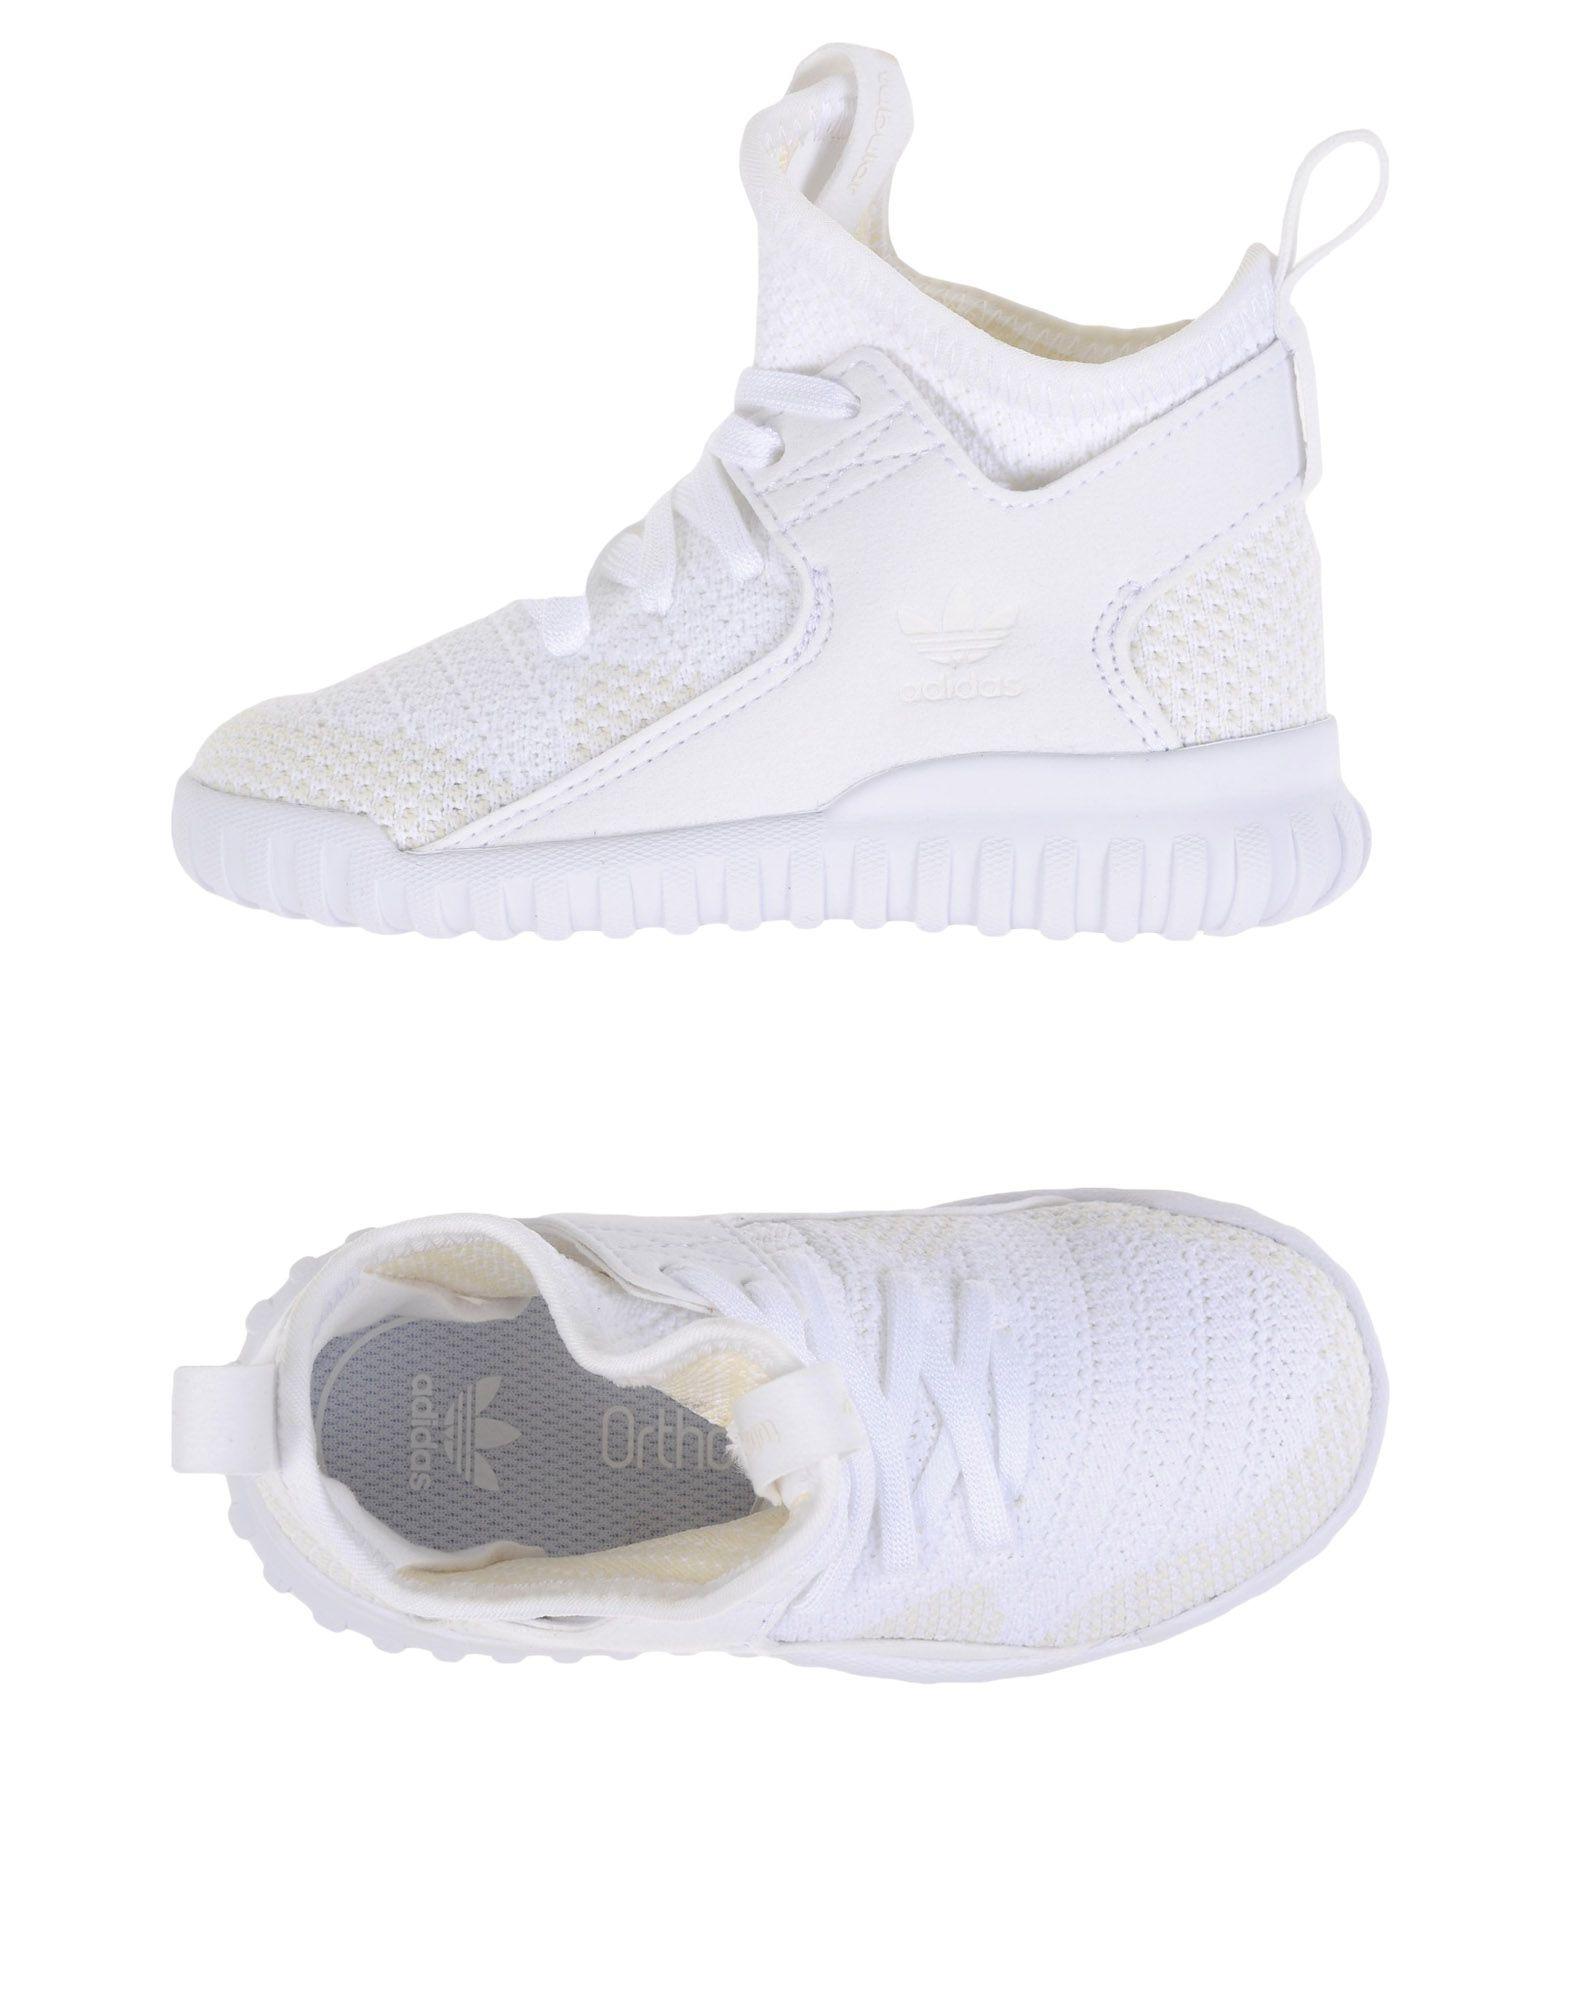 ADIDAS ORIGINALS Jungen 3-8 jahre Low Sneakers & Tennisschuhe Farbe Weiß Größe 20